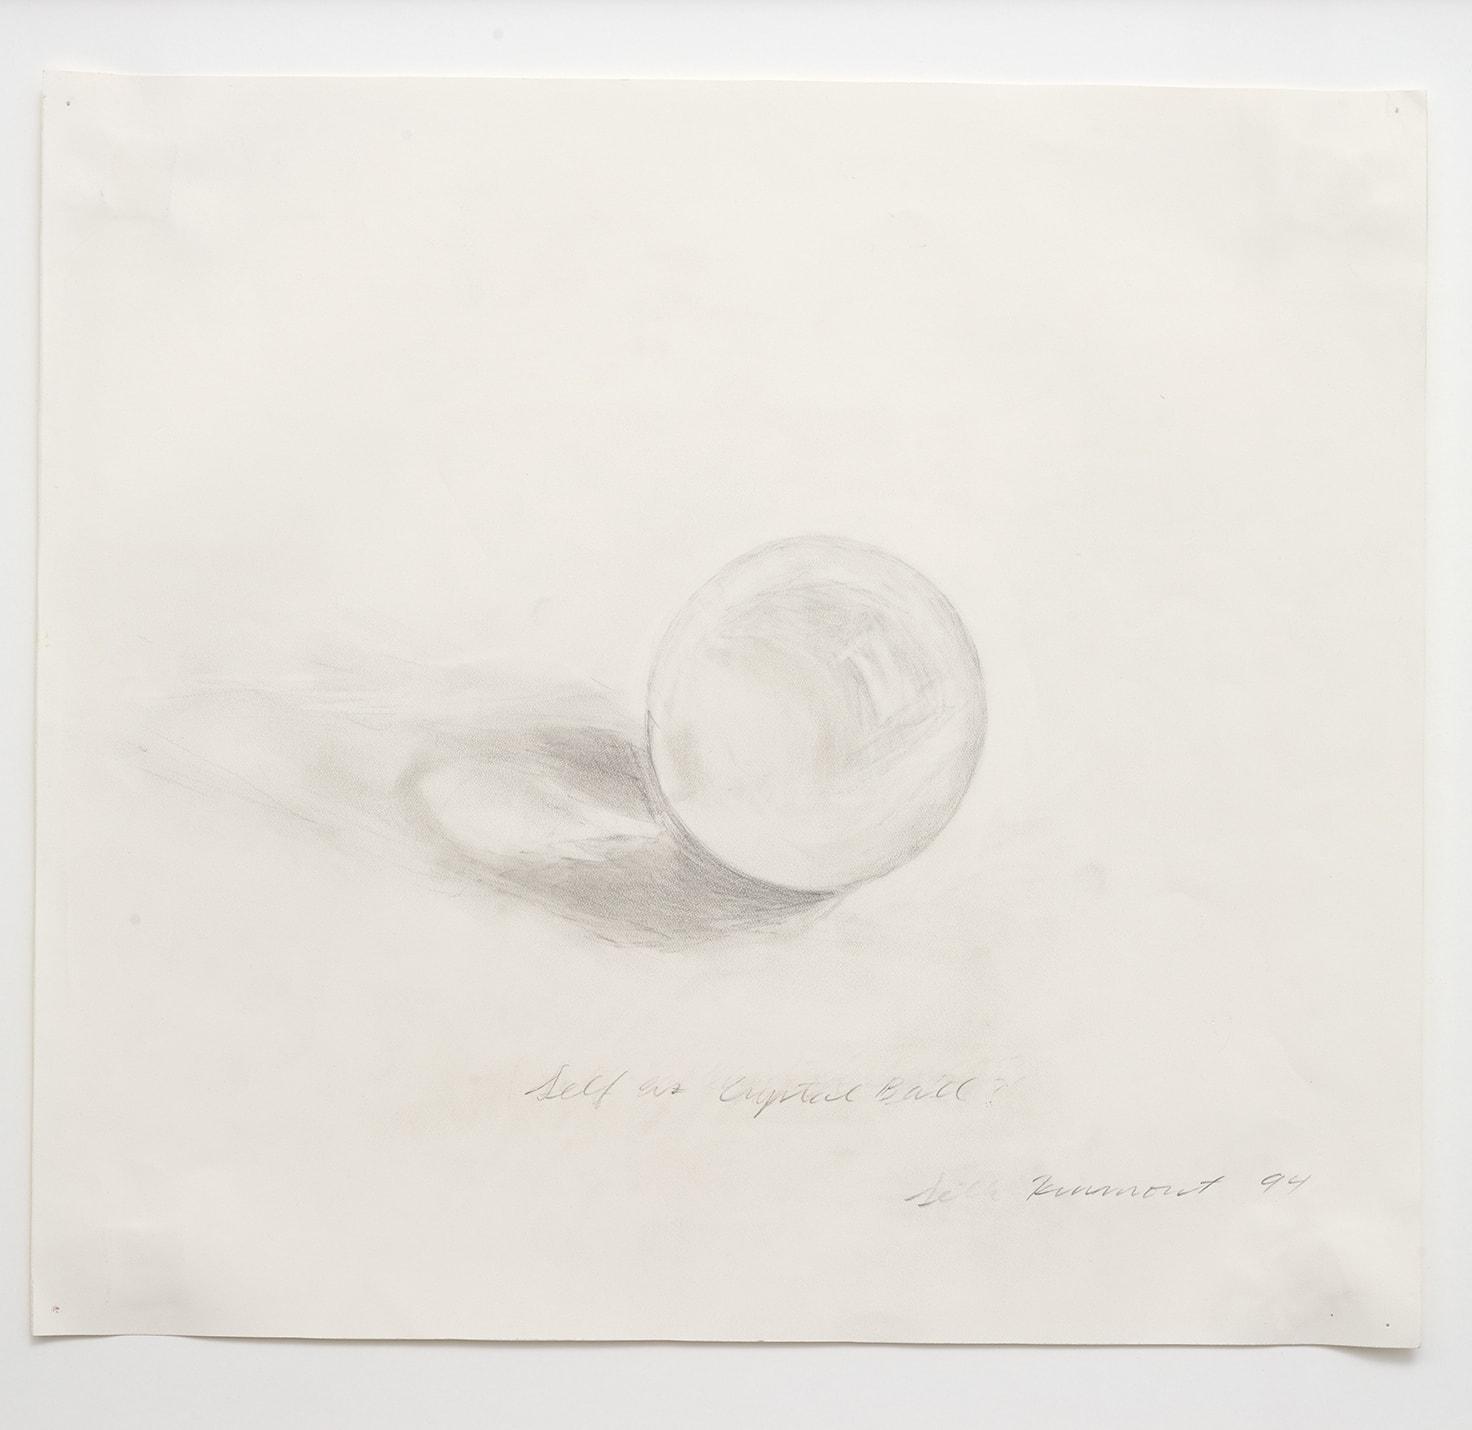 self as crystal ball, 1994